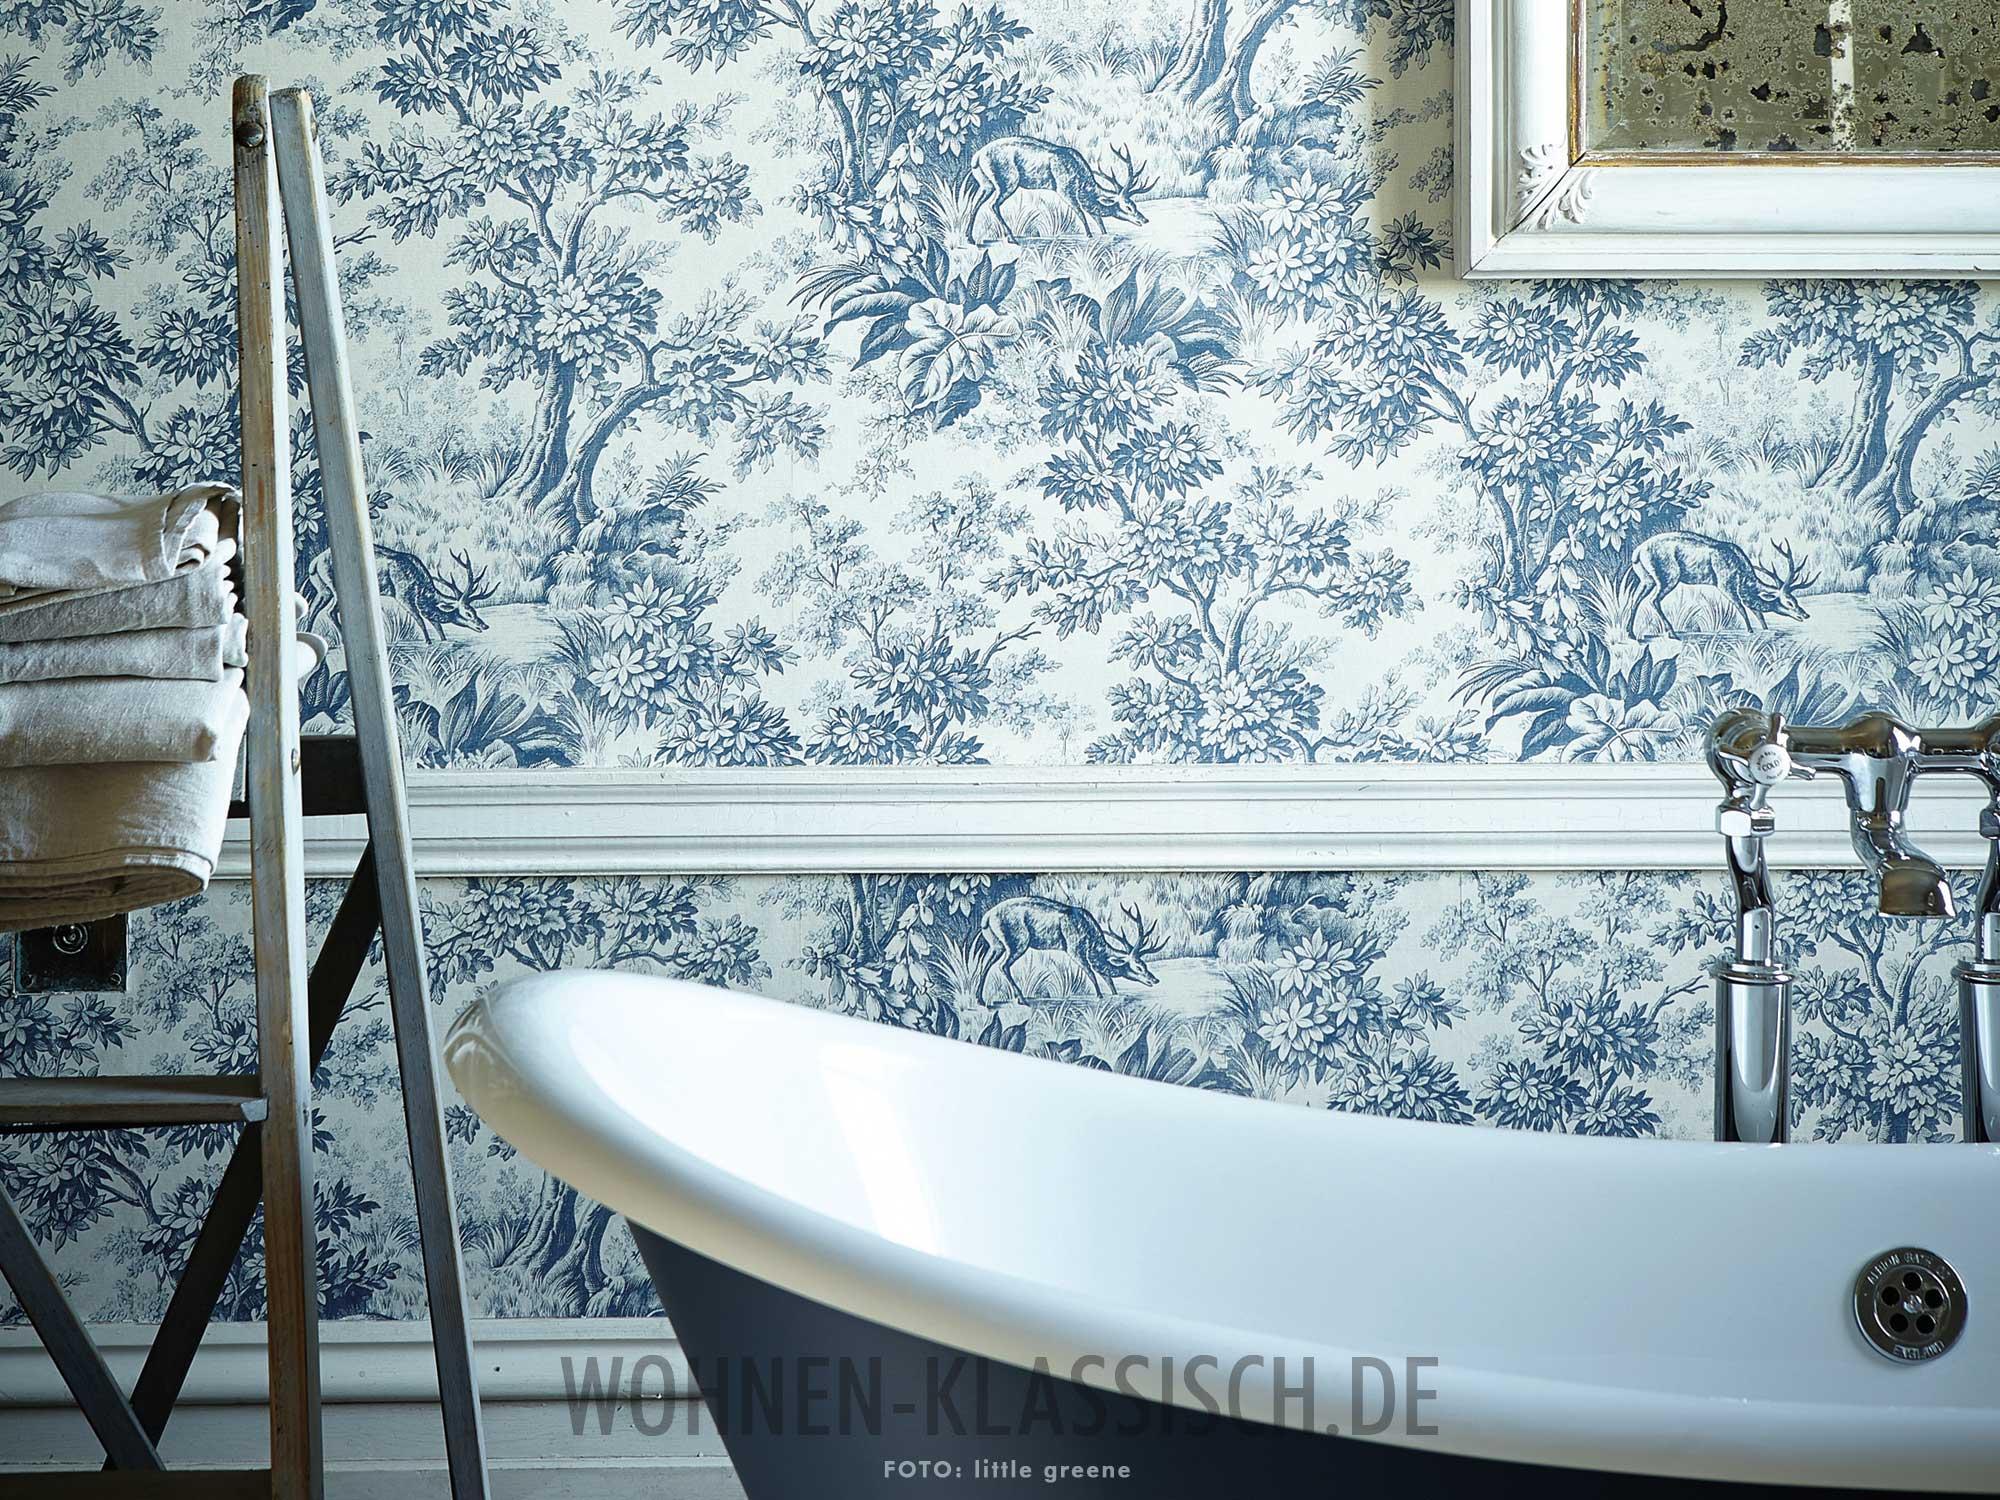 Natur im blick tapete im badezimmer klassisch wohnen - Tapete im badezimmer ...